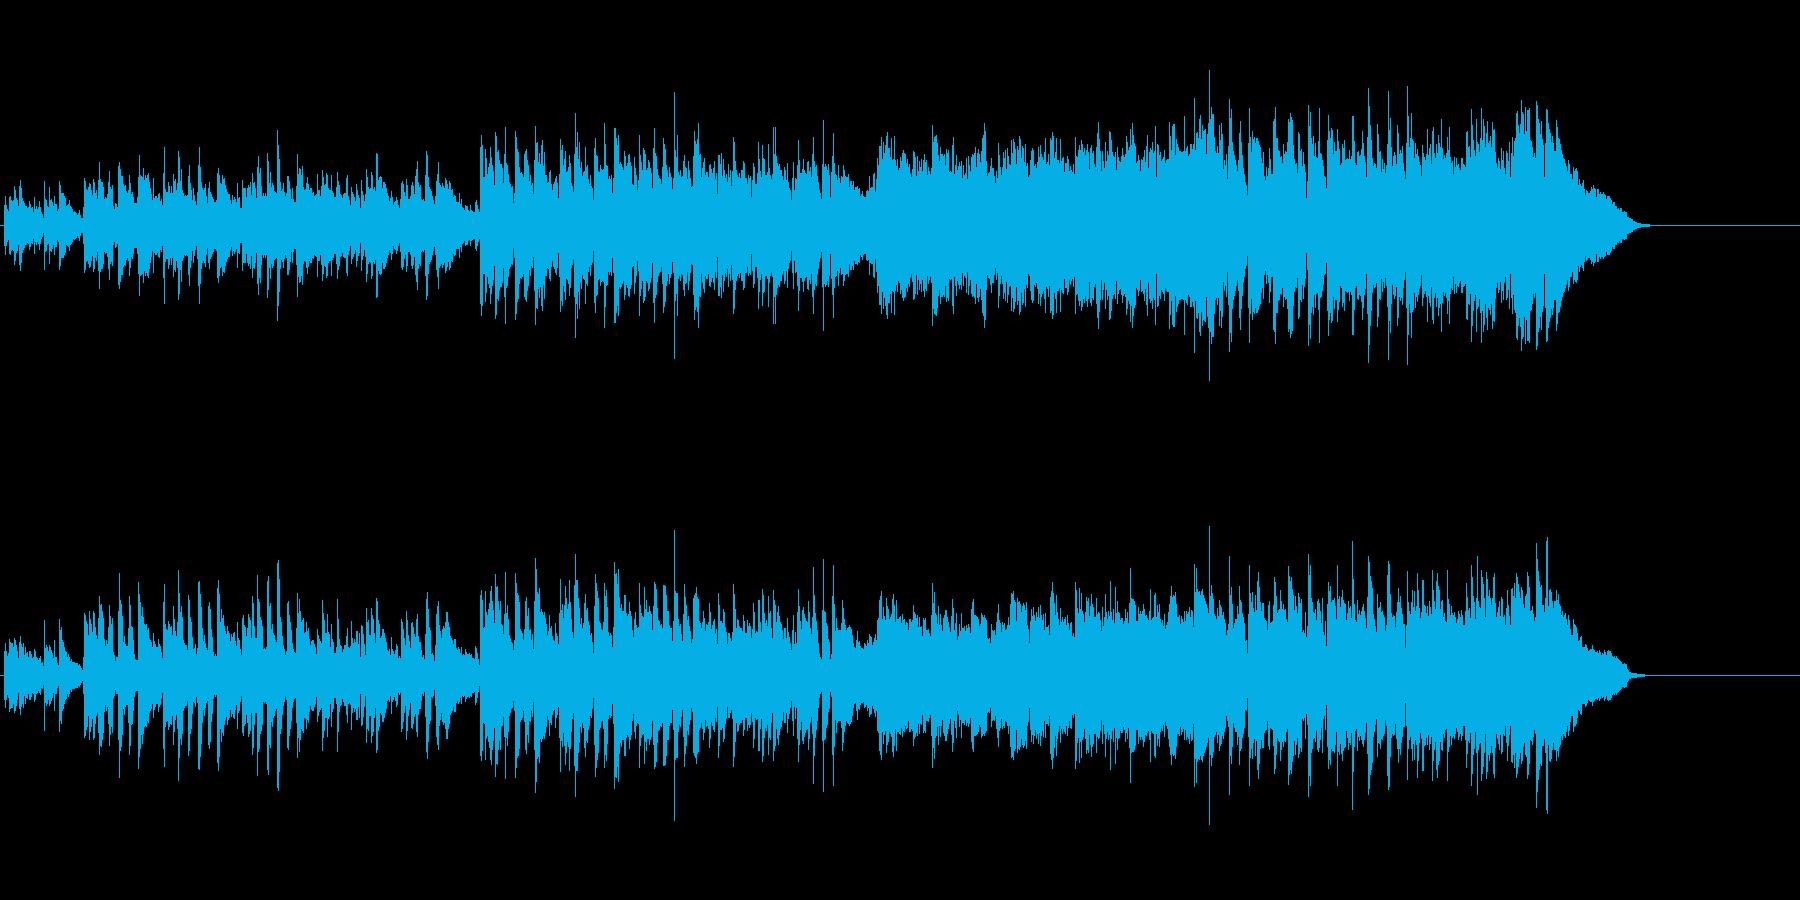 エレガントなボサノバ調アコースティックの再生済みの波形